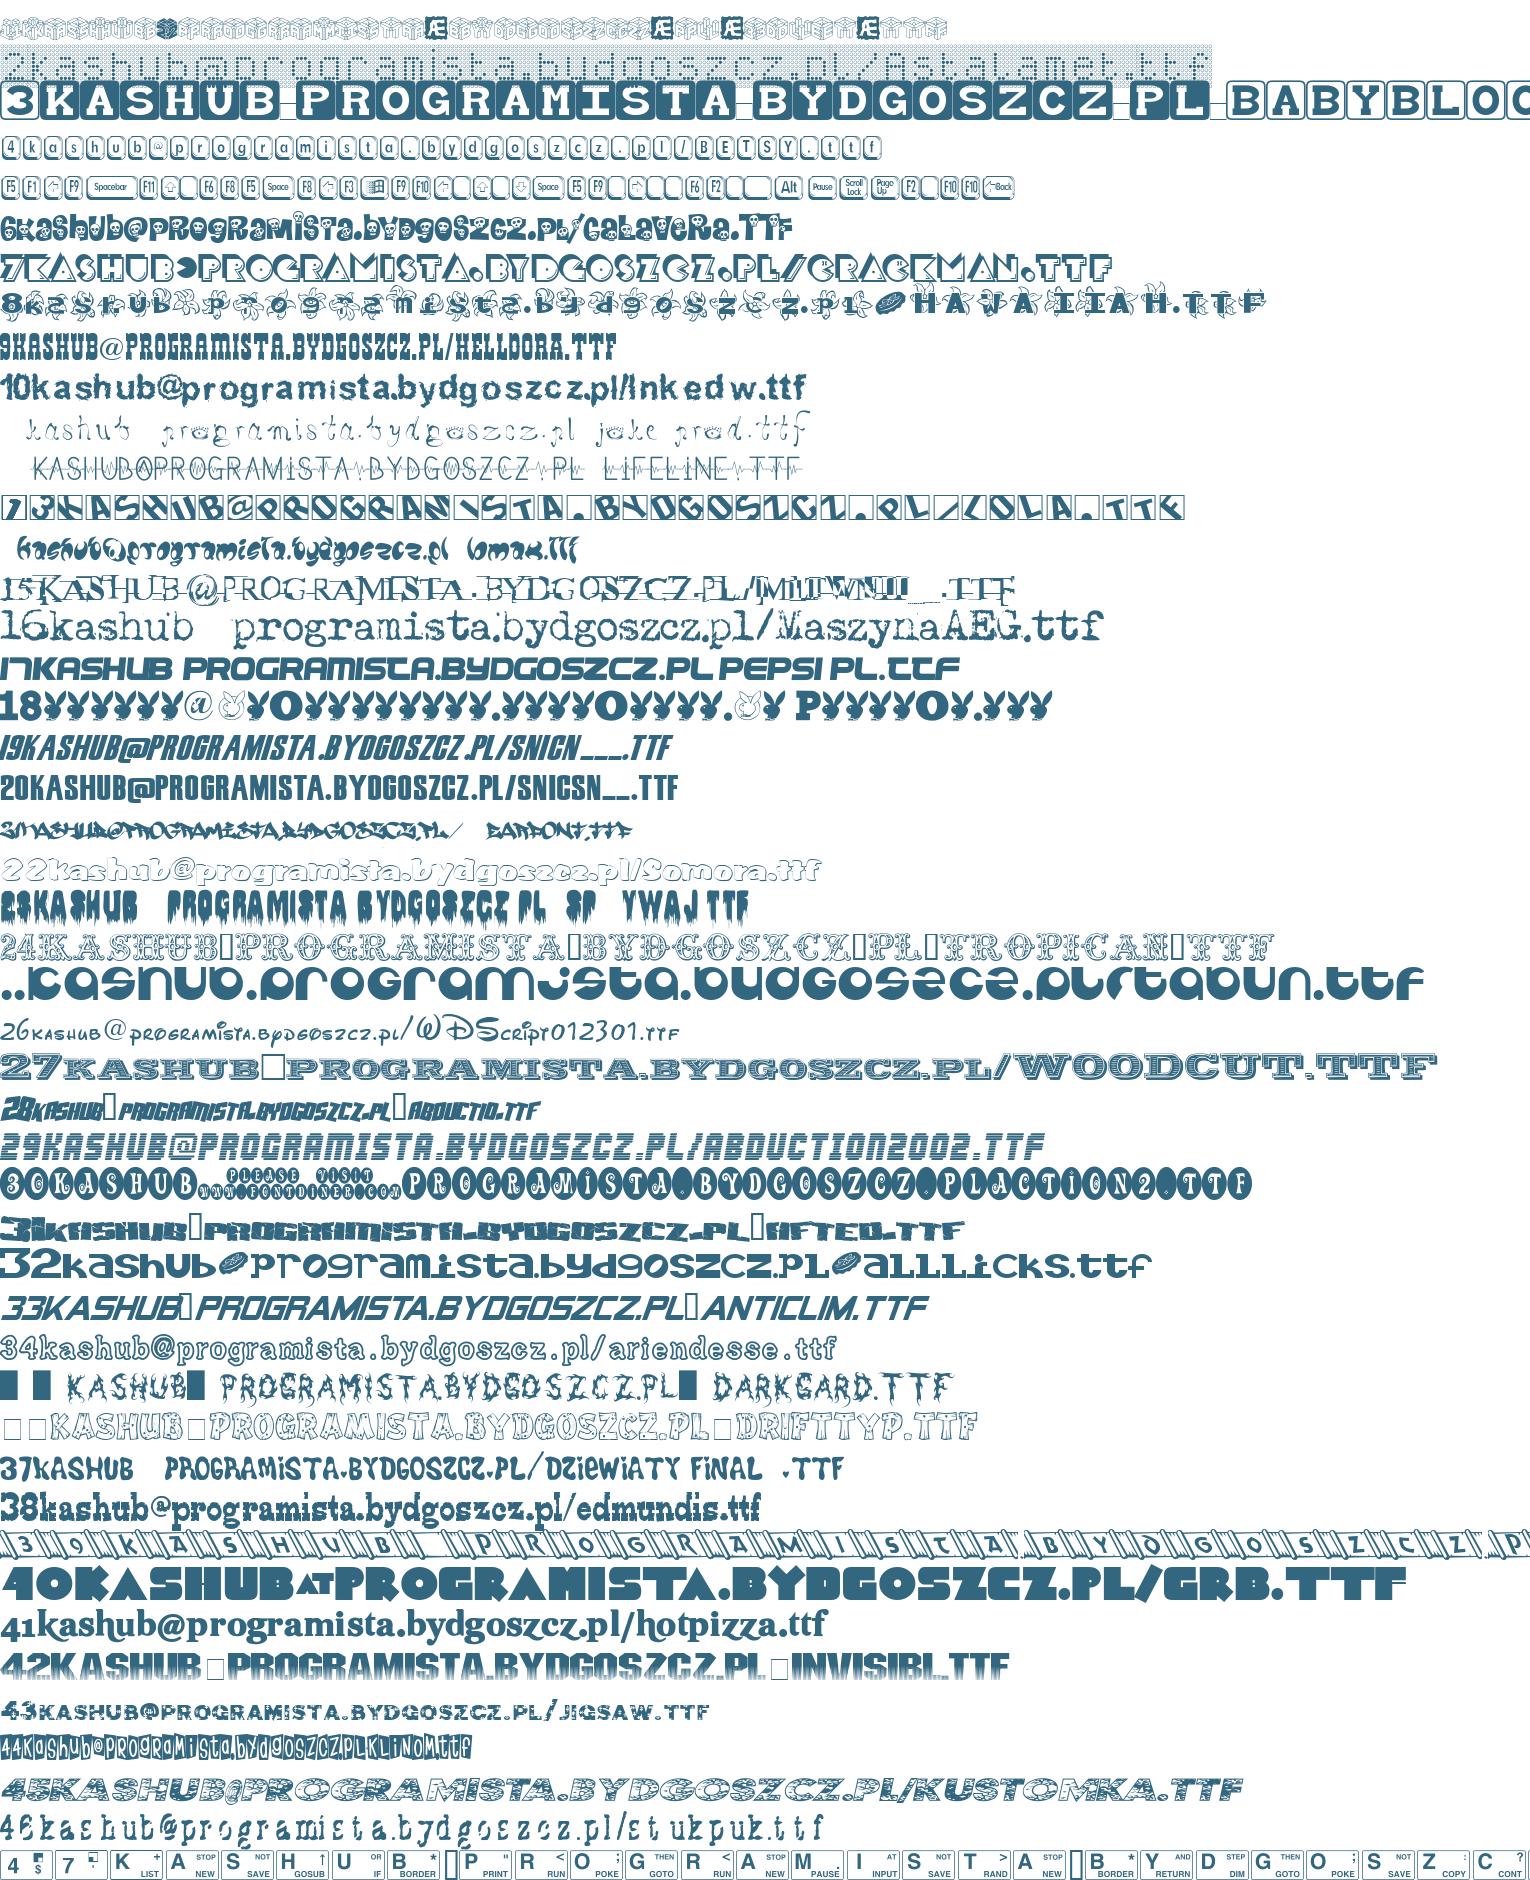 kashub na serwerze programista kropka bydgoszcz kropka pl